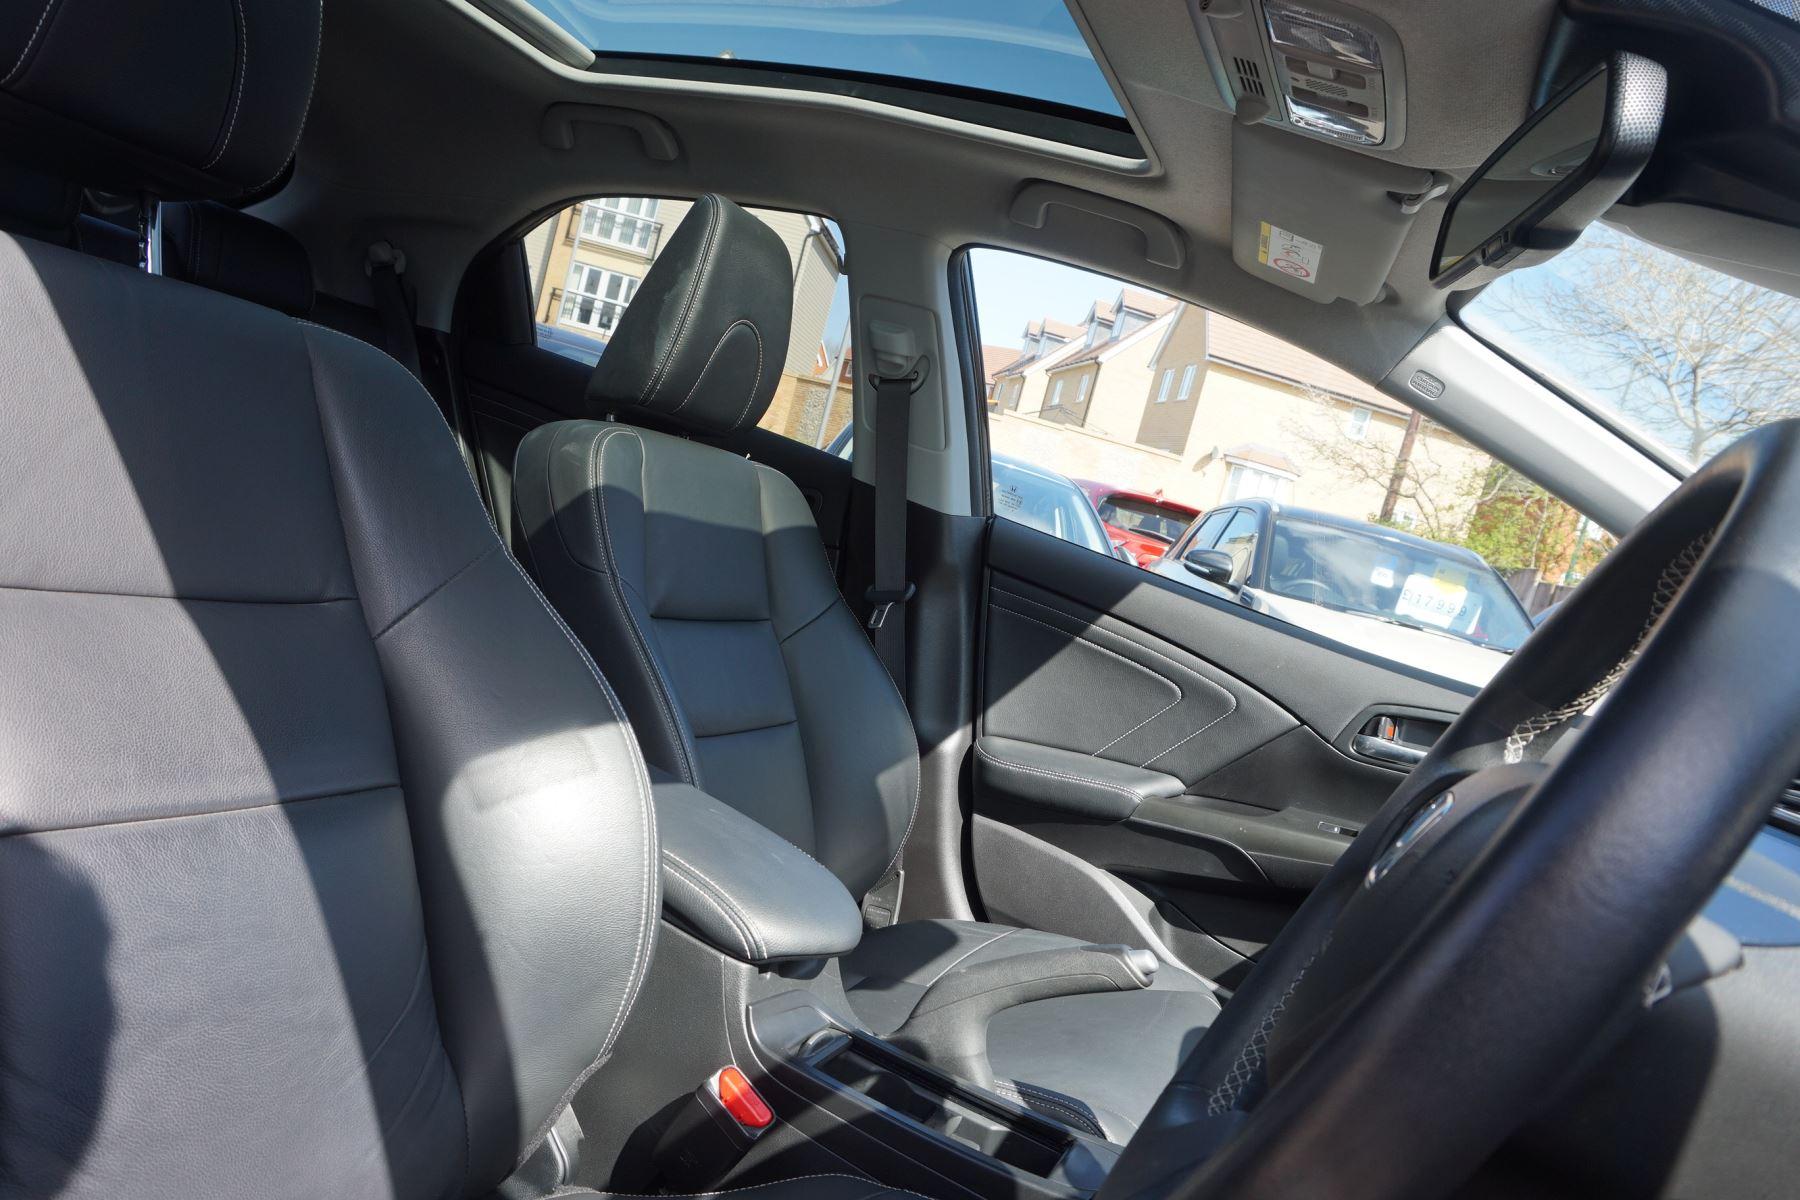 Honda Civic 1.6 i-DTEC SR 5dr image 20